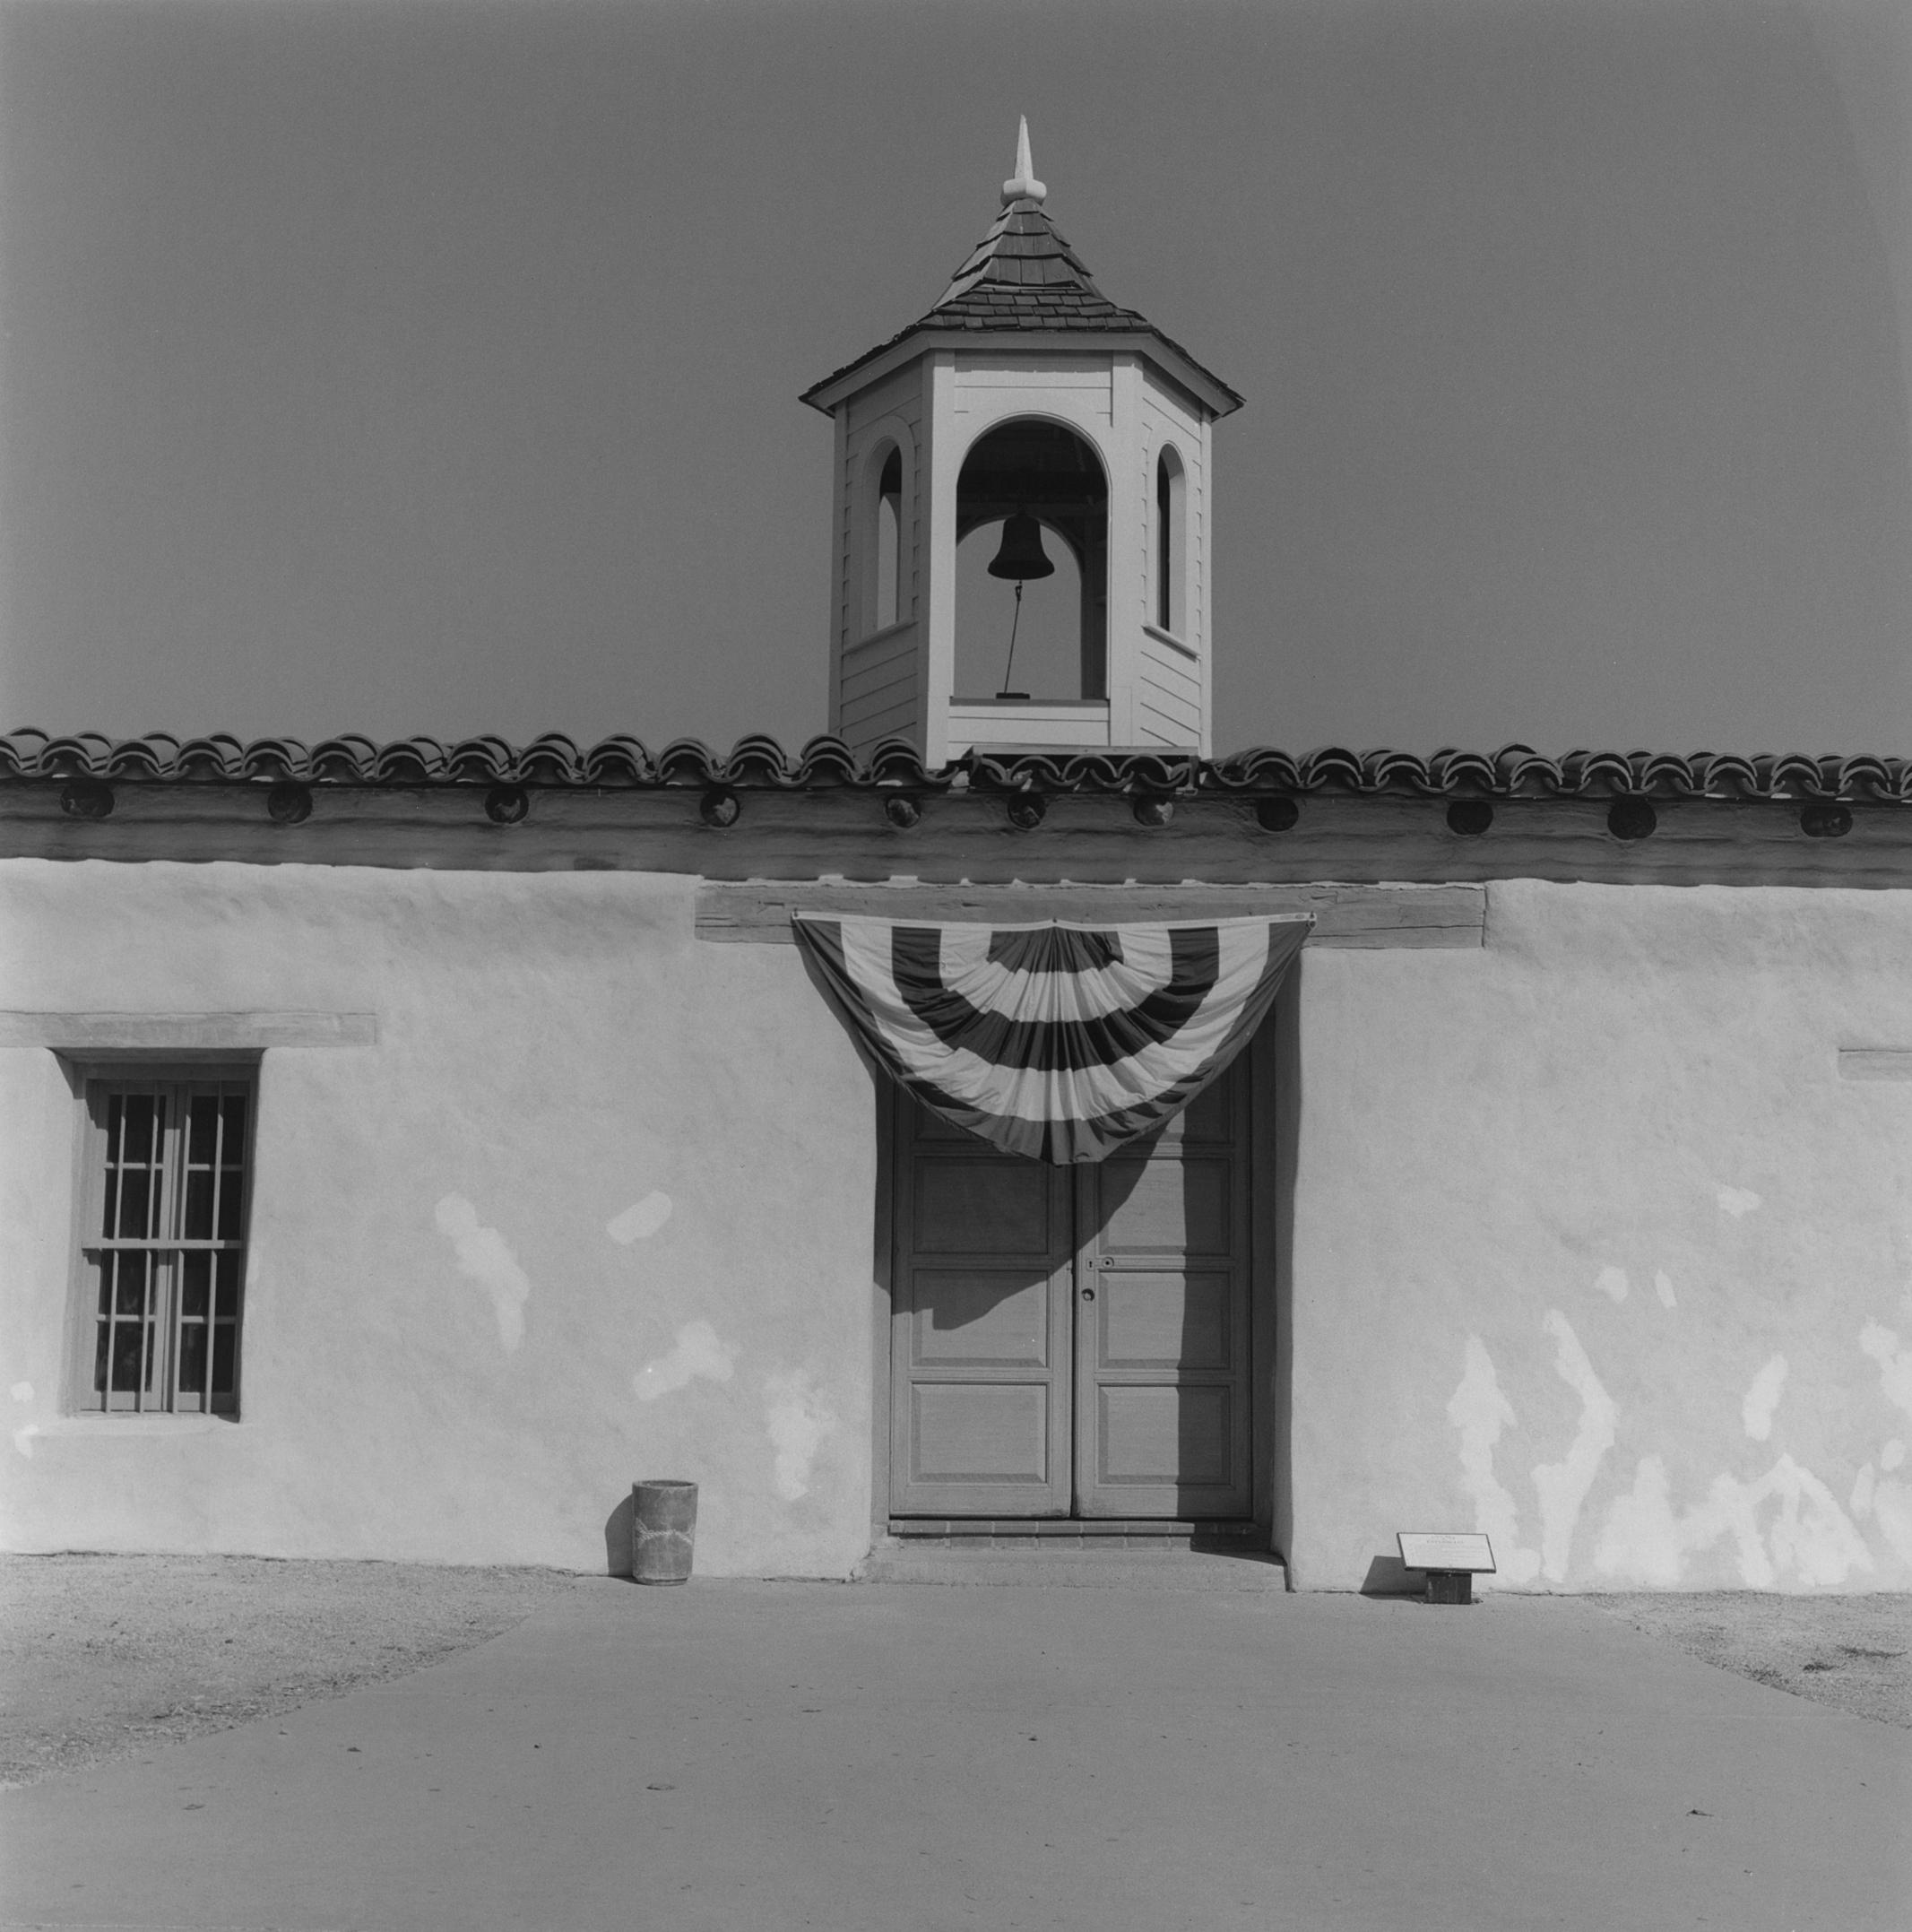 Old City House, San Diego, California, 2015